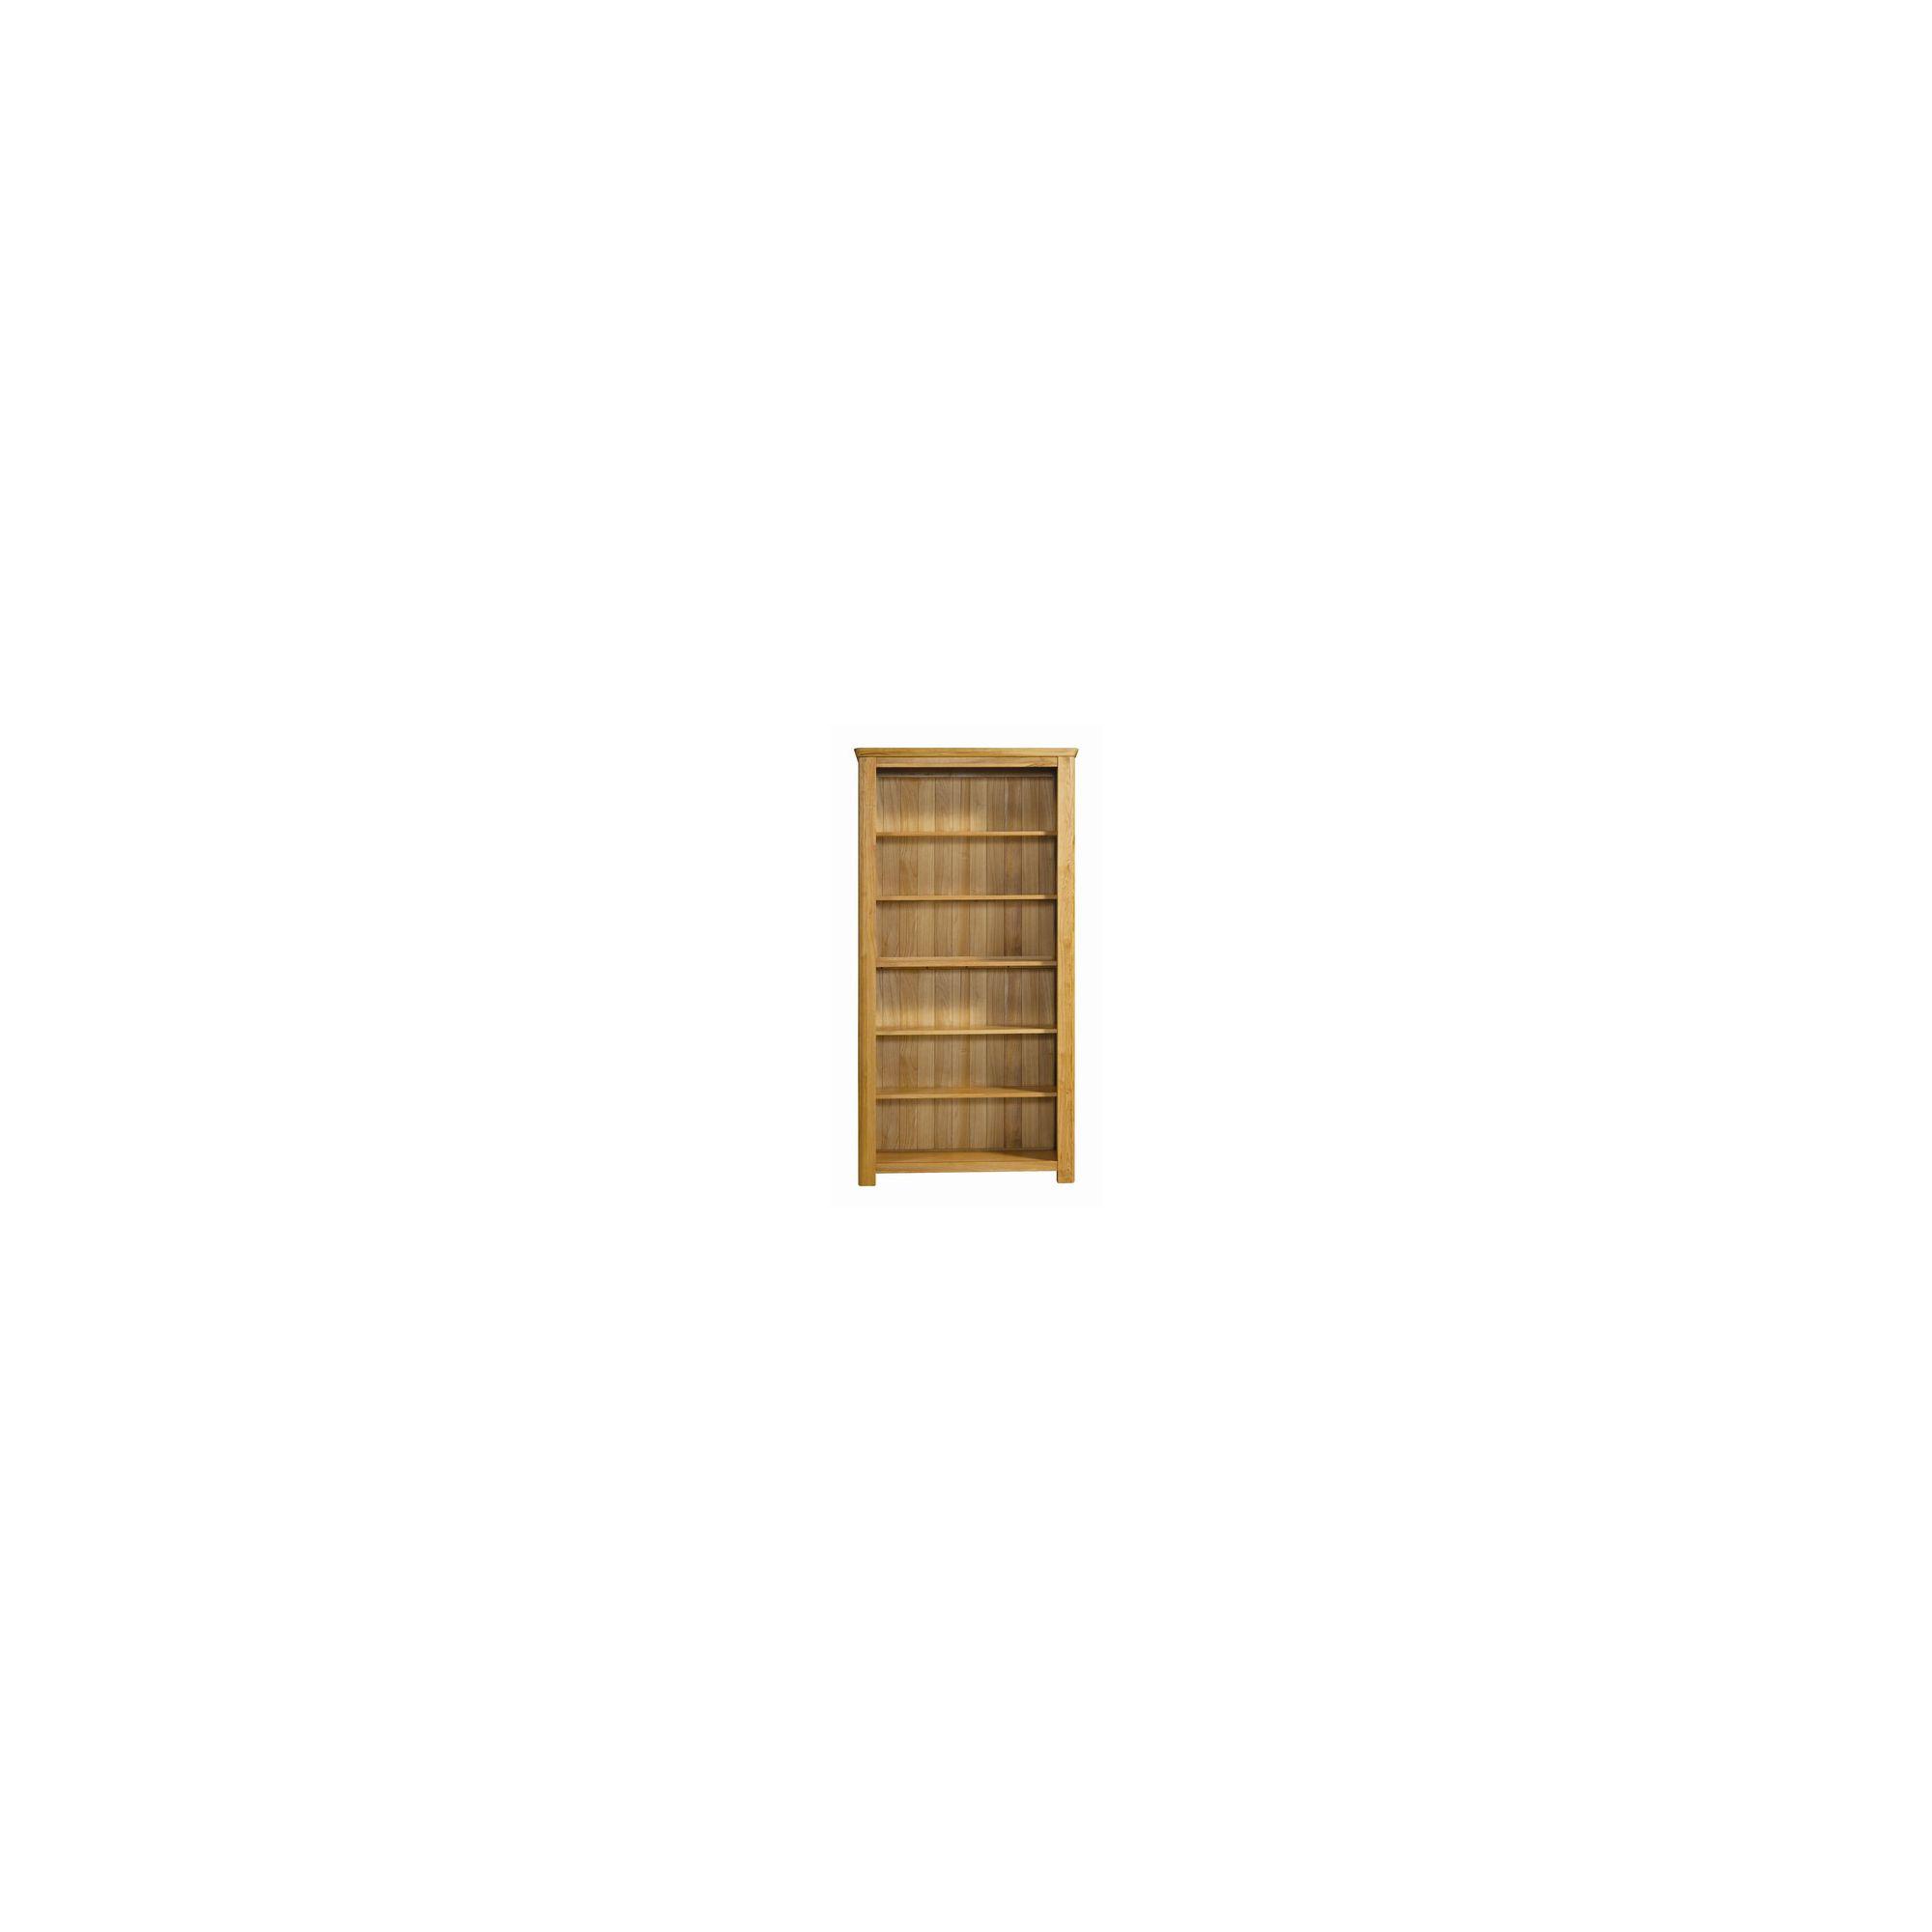 Alterton Furniture Banbury Oak Bookcase at Tescos Direct